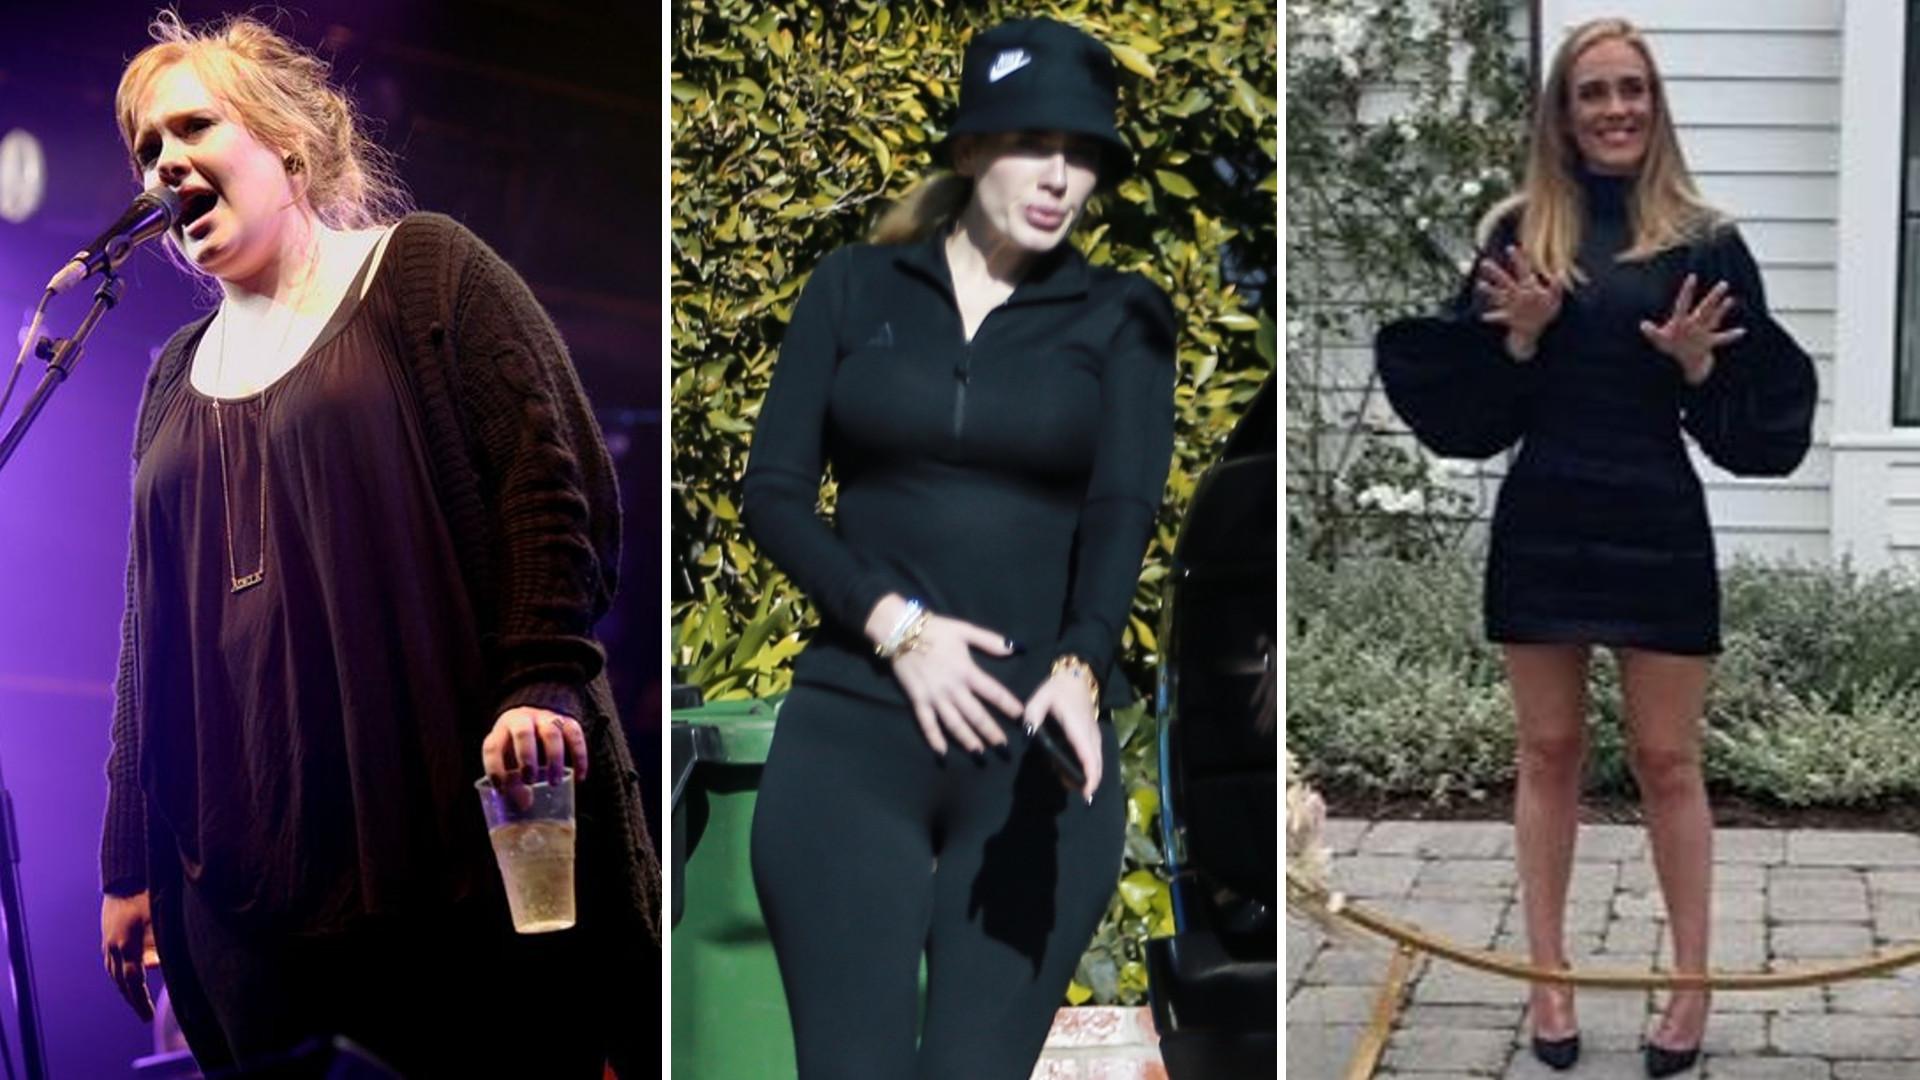 Odchudzona o 45 kg Adele pokonała jeszcze jeden kompleks – mało kto o nim wiedział